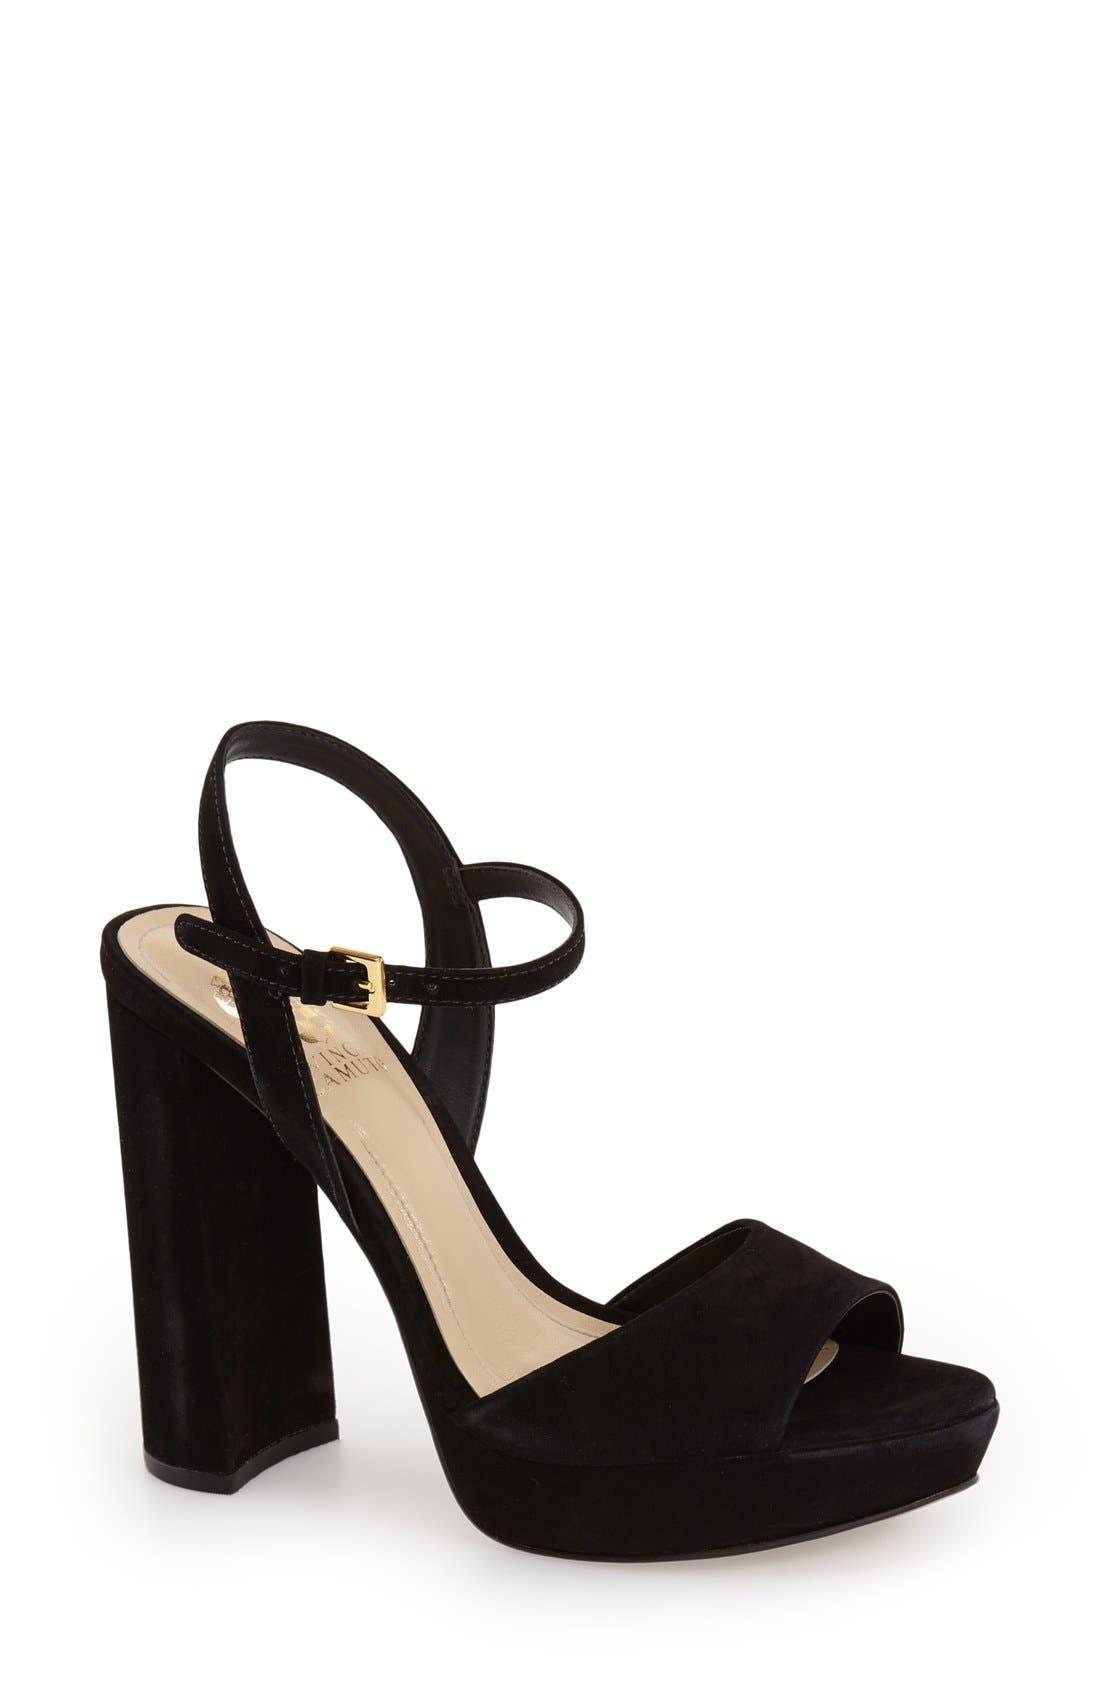 Alternate Image 1 Selected - Vince Camuto 'Krysta' Platform Sandal (Women)